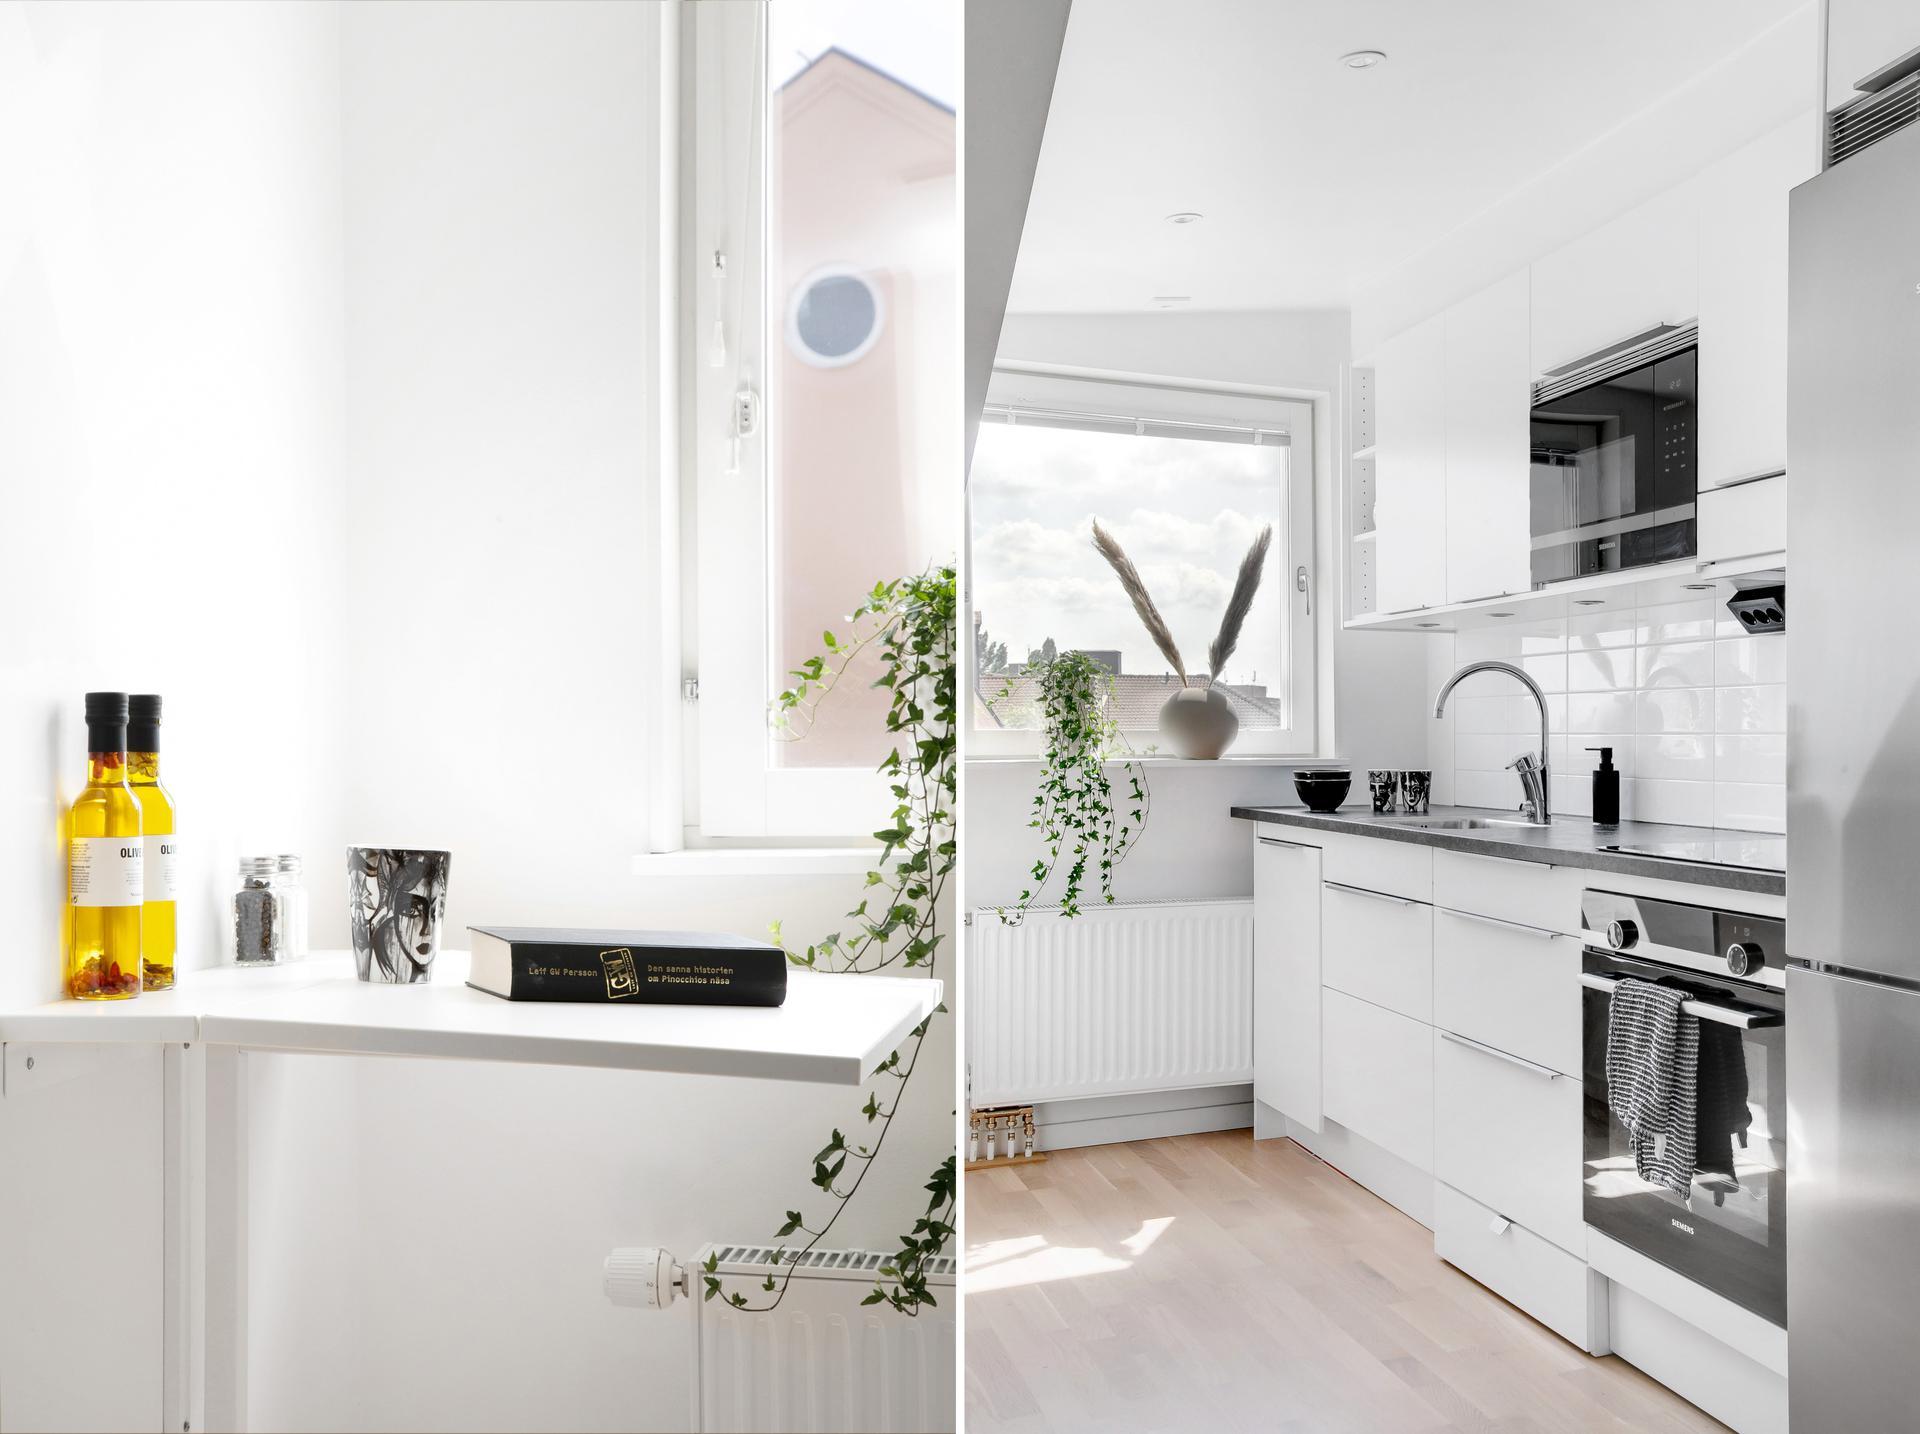 Fullutrustat kök med vitvaror i rostfritt stål